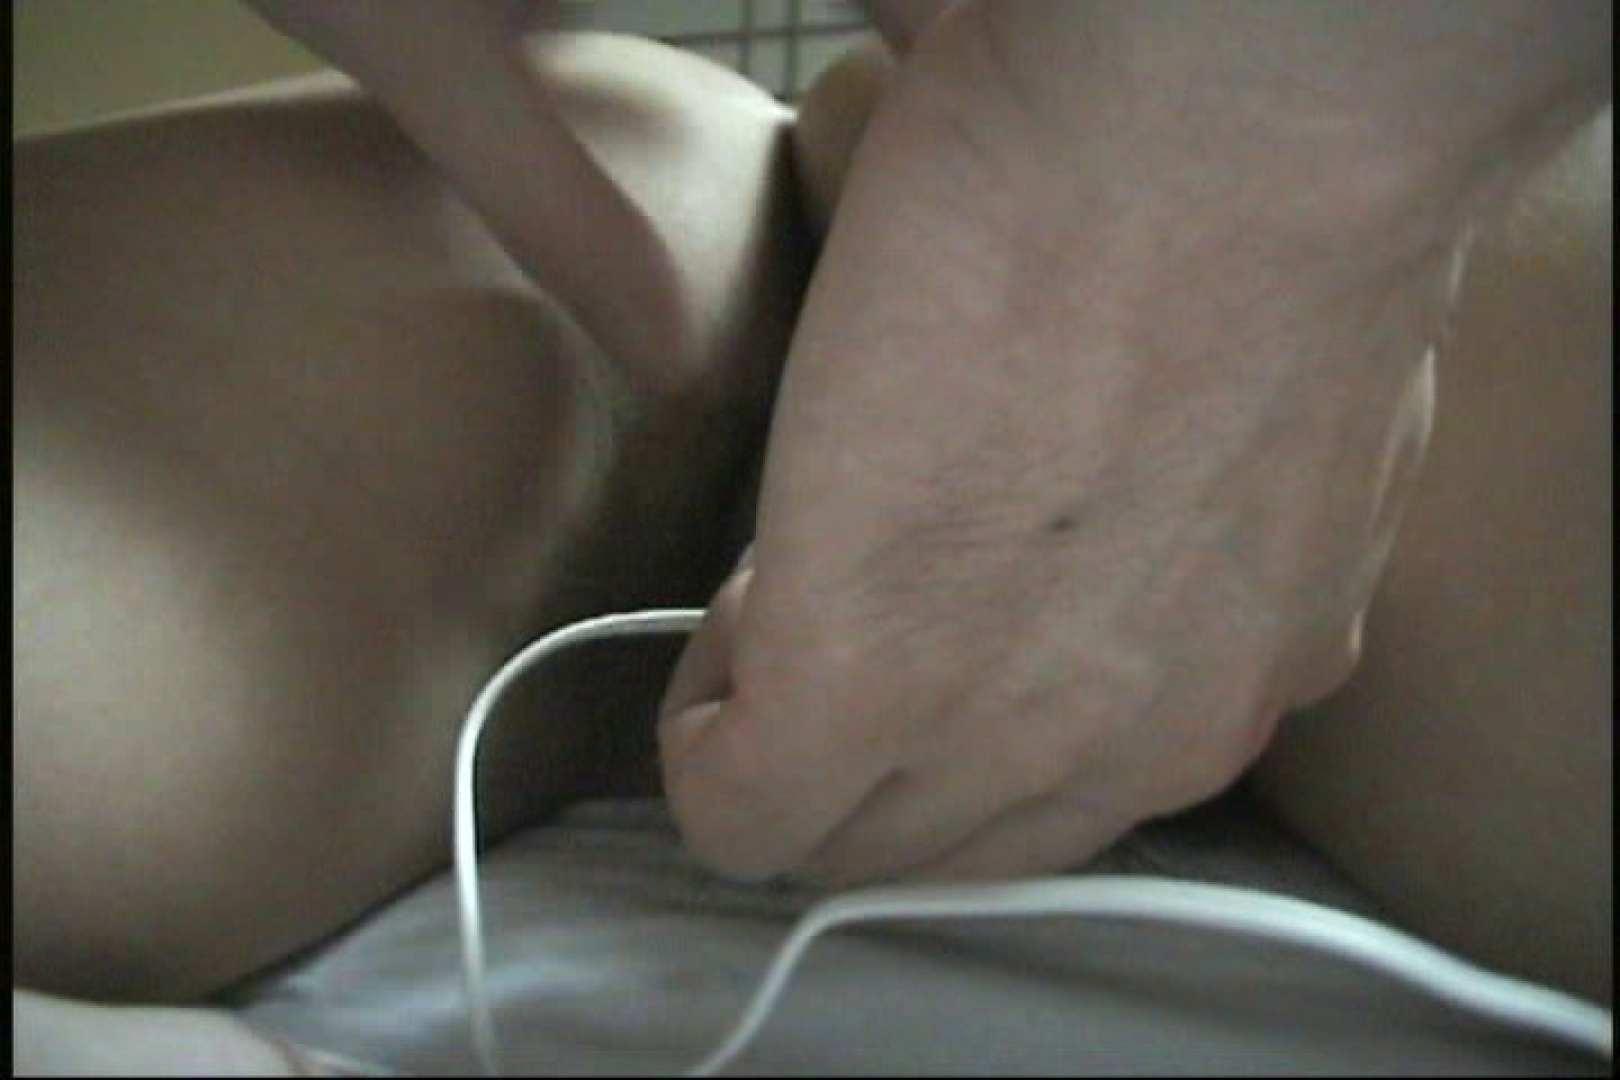 いっくんの調教シリーズ「未亡人みずほ27歳市役所職員」Vol.7 ローター セックス画像 52PIX 2